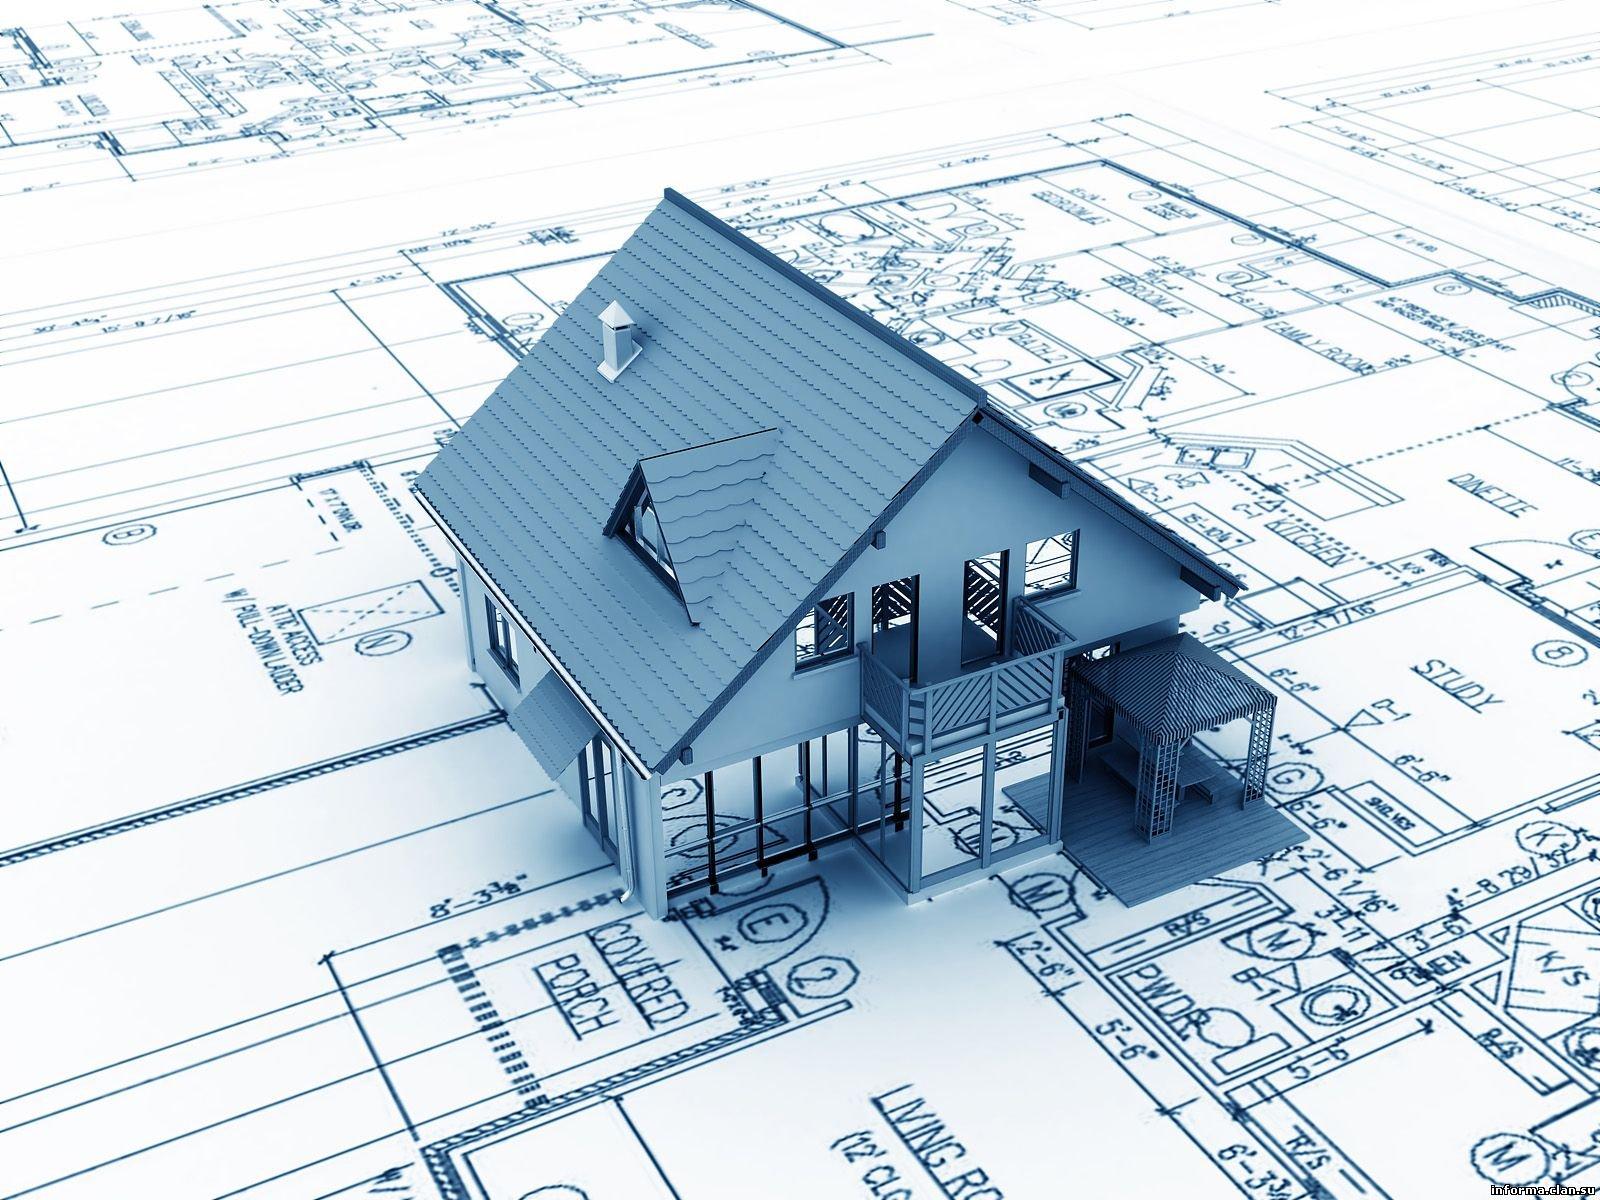 Приобретение и продажа квартир в юзао через агентство «Твоя квартира»: выгоды и перспективы